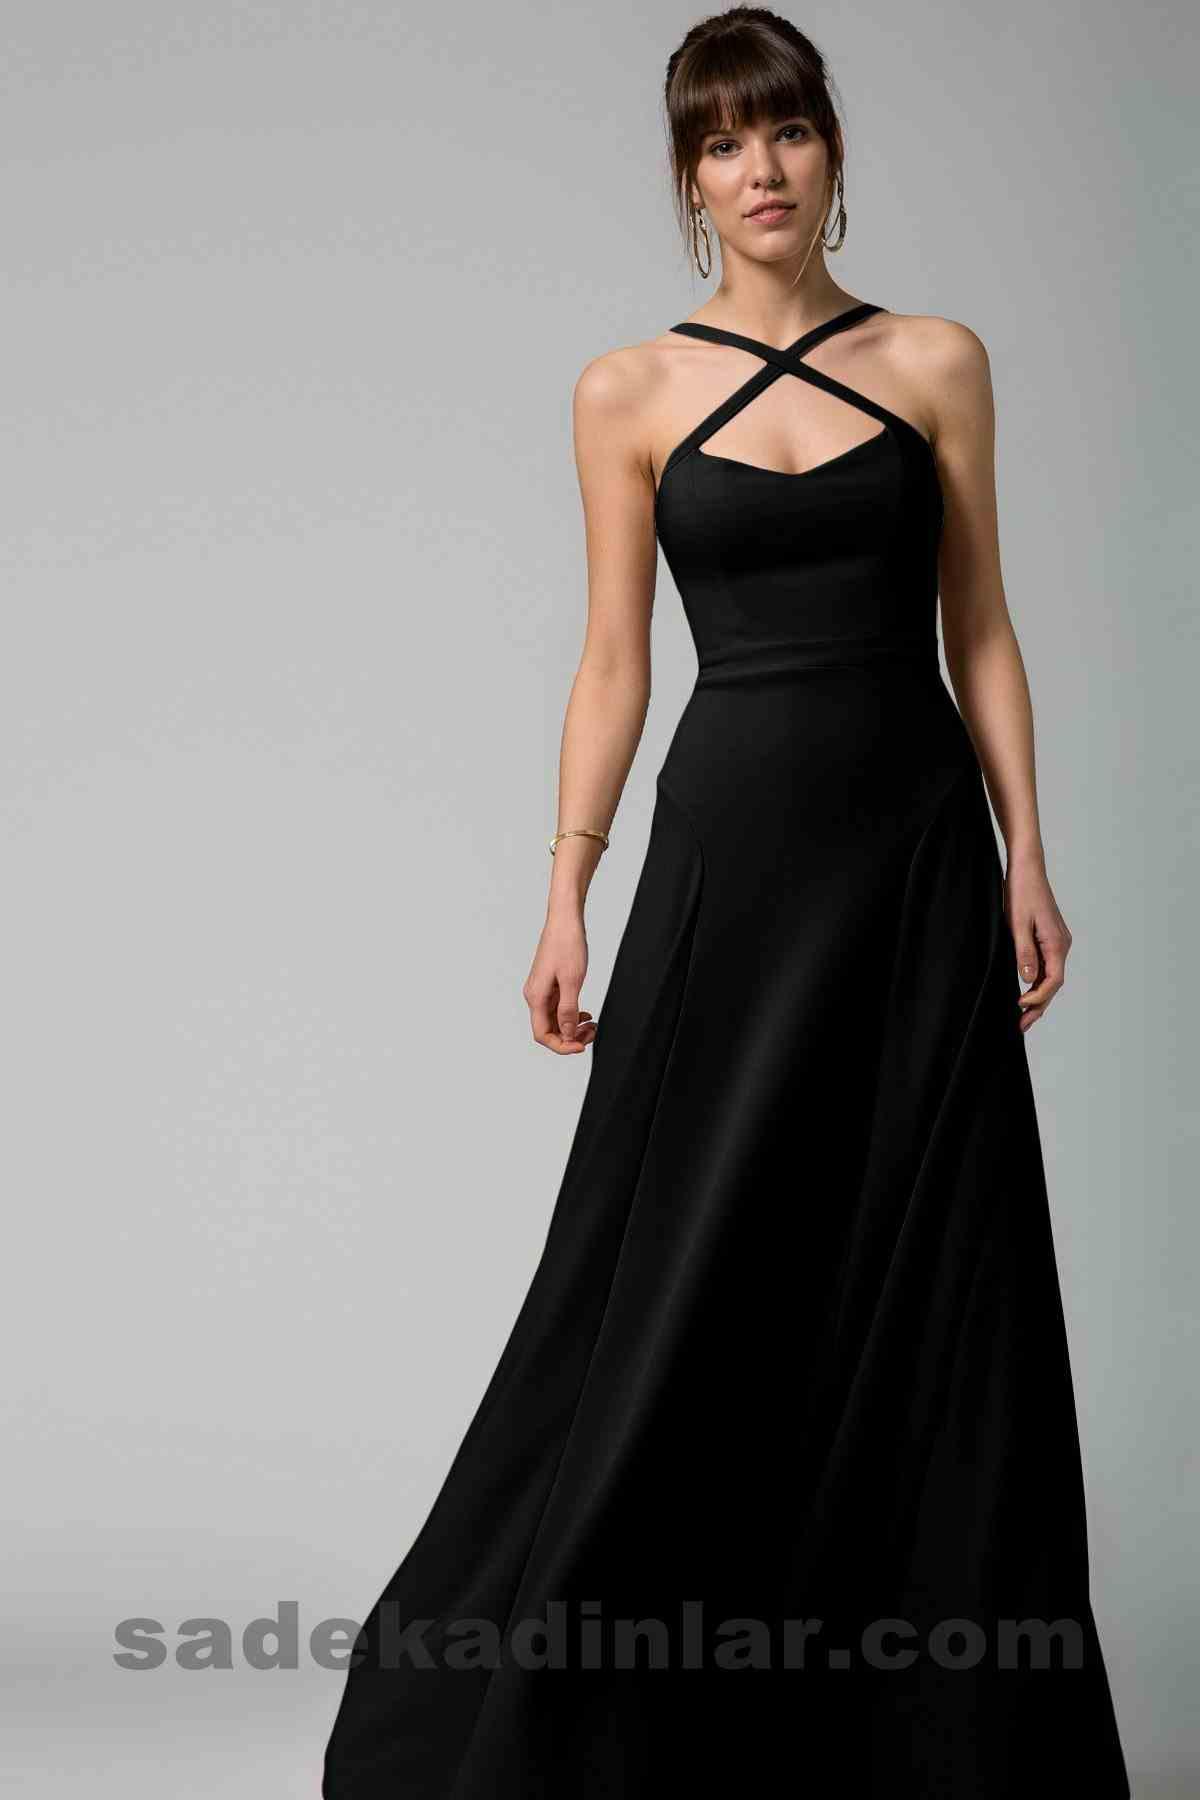 Abiye Elbise Modelleri Şık ve Güzel 2019 Gece Elbiseleri Çapraz Askılı Siyah Sırt Dekolteli